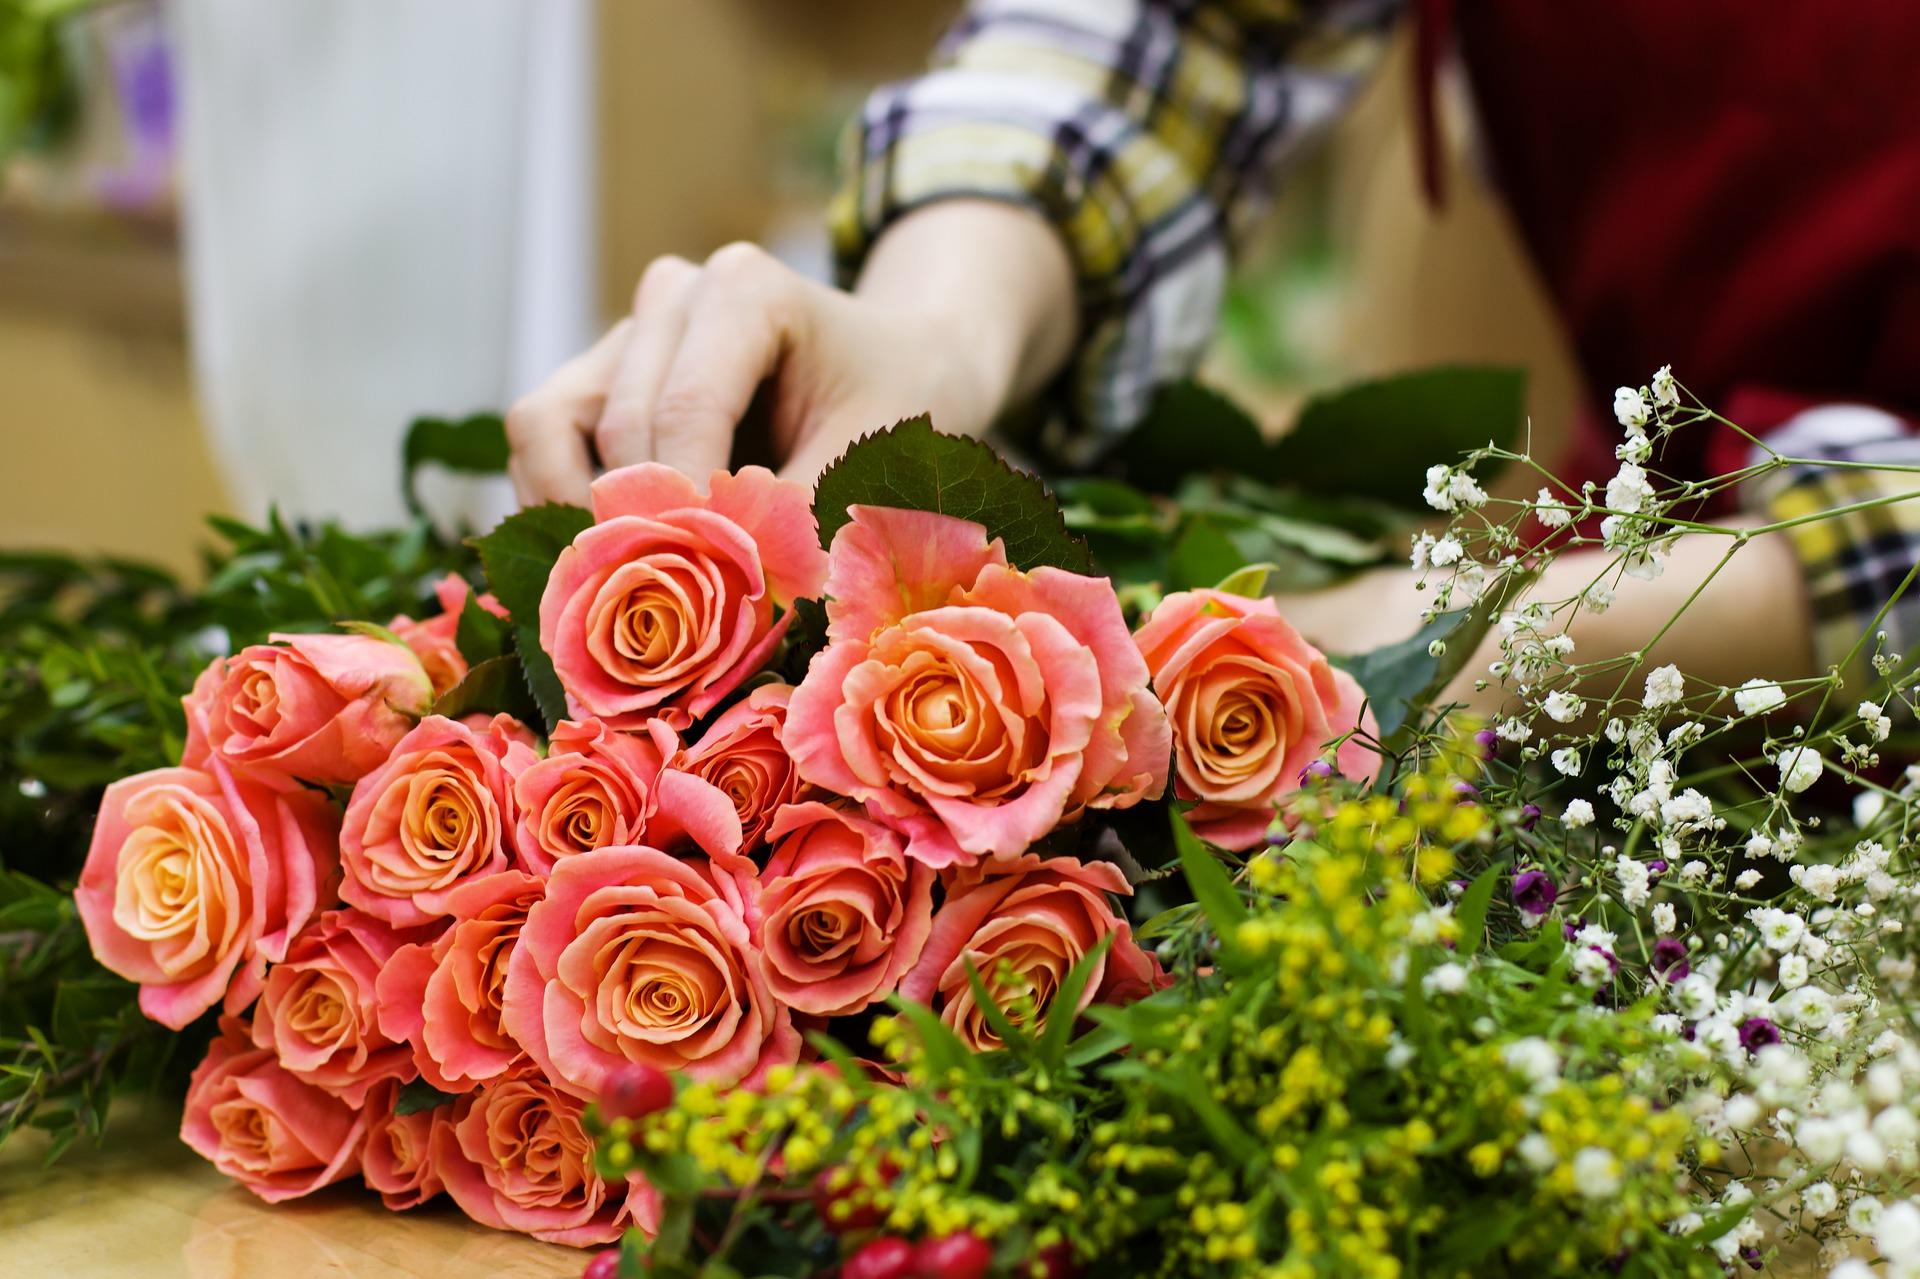 Réalisez une magnifique composition florale pour votre décoration